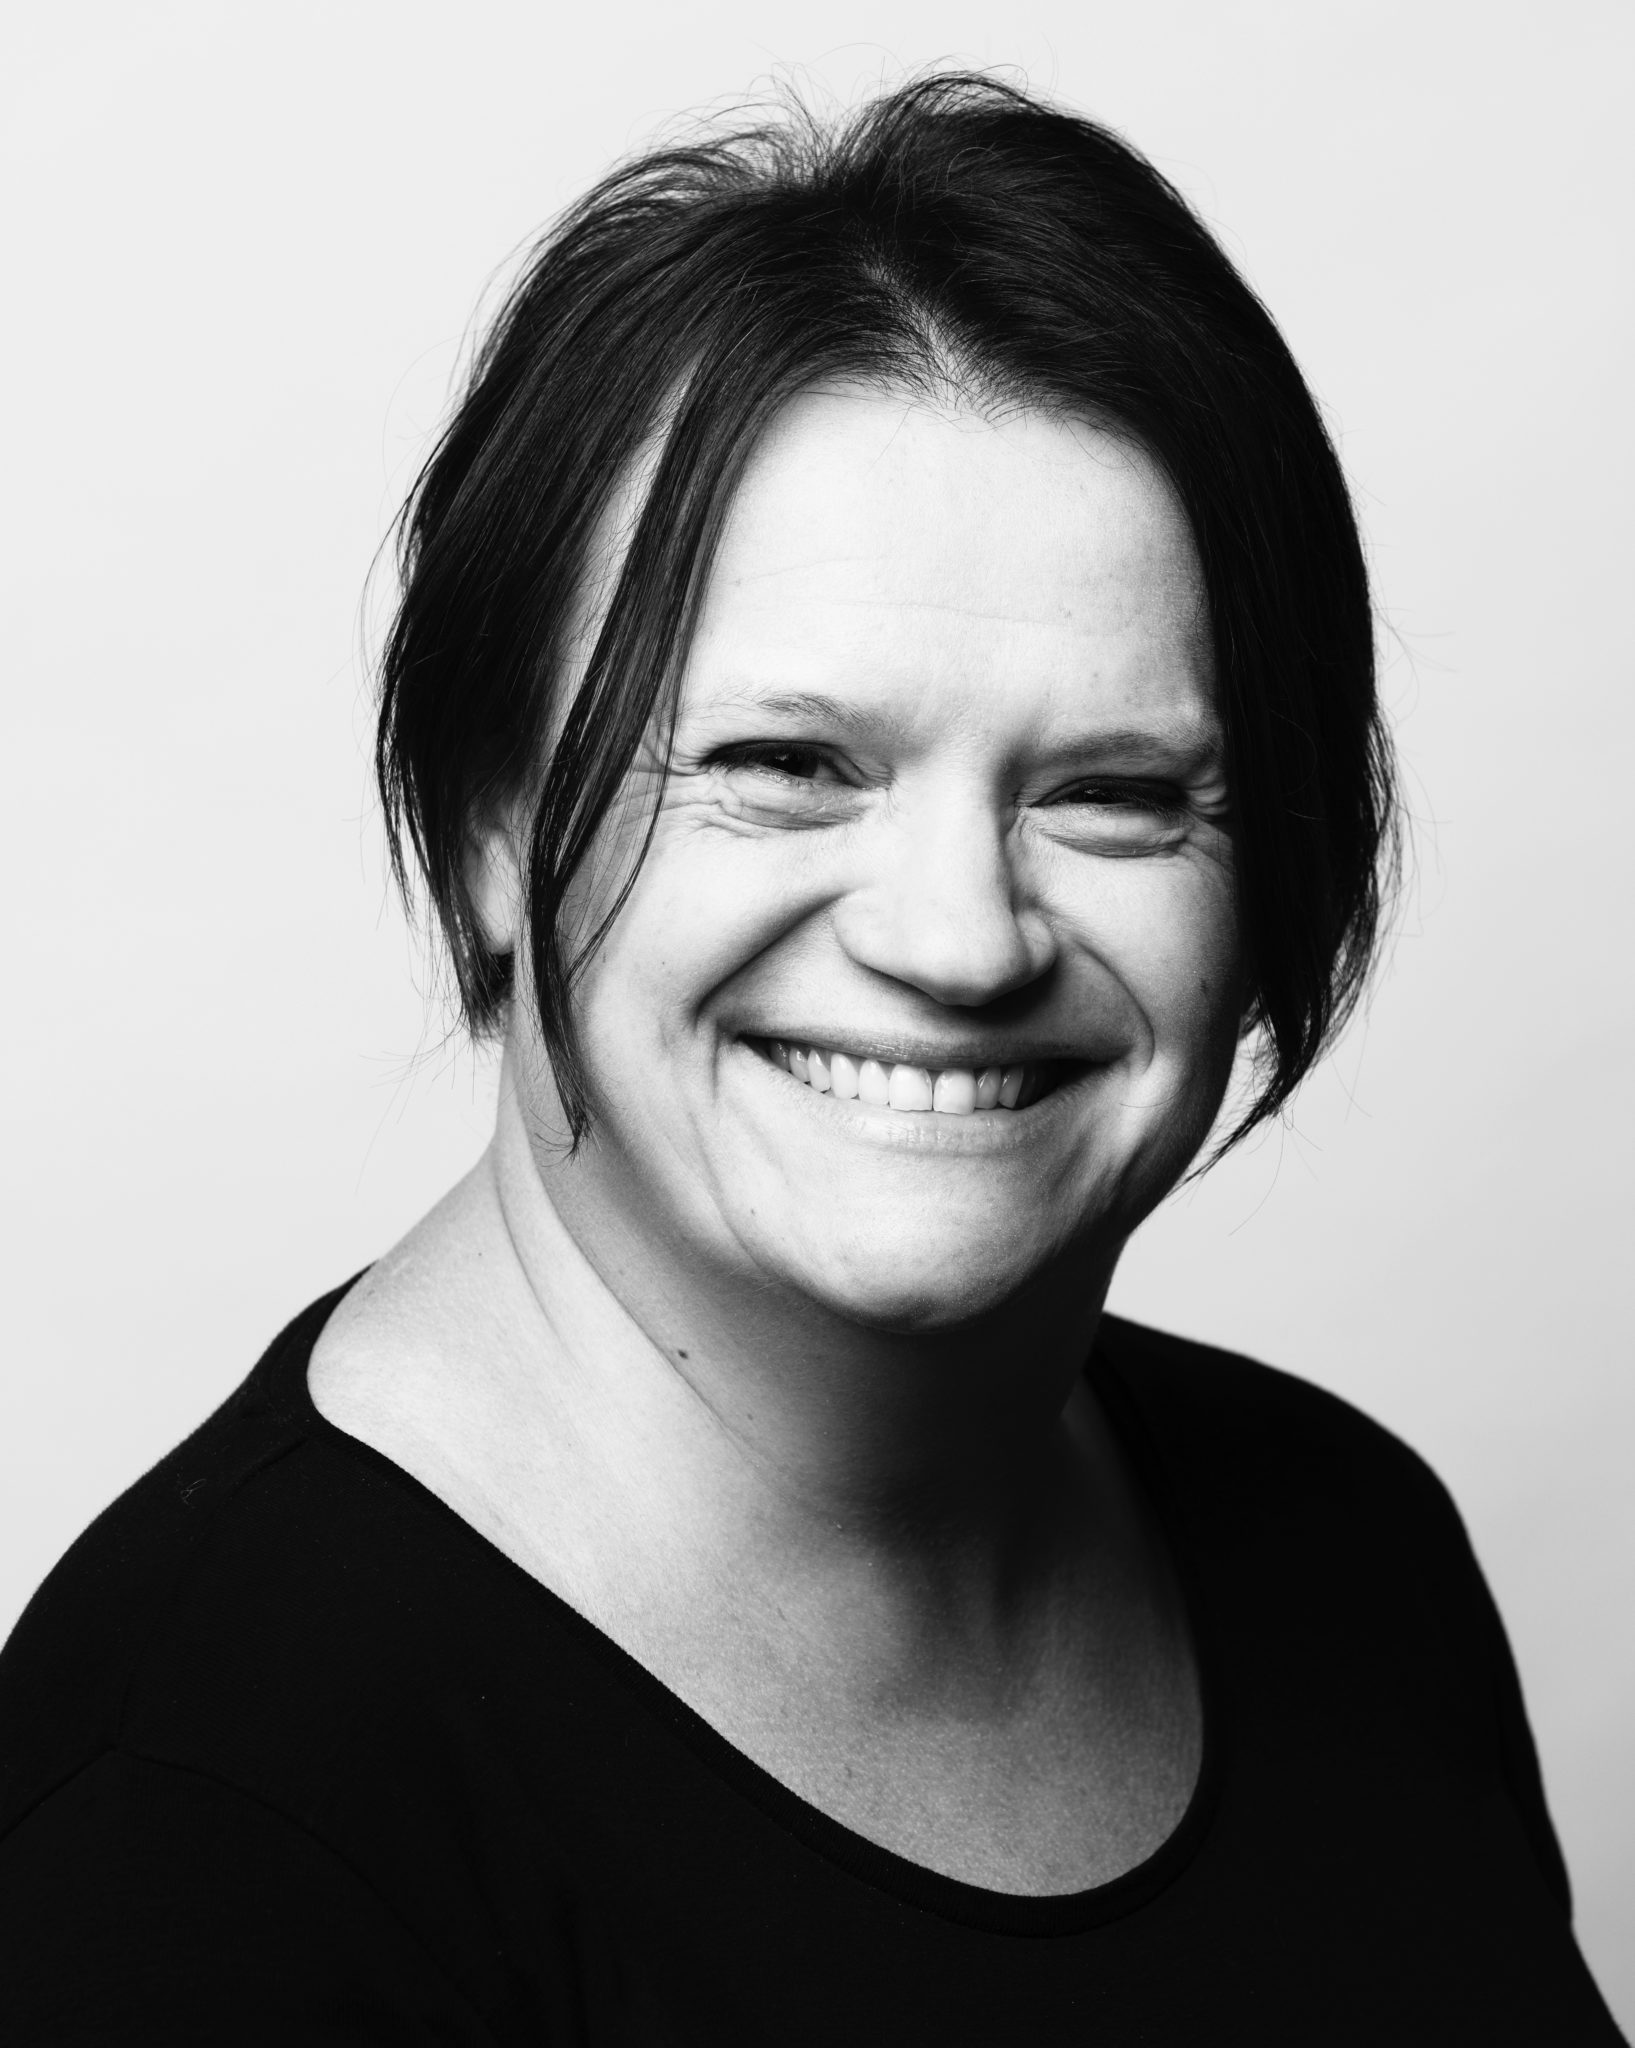 Helen Hillman